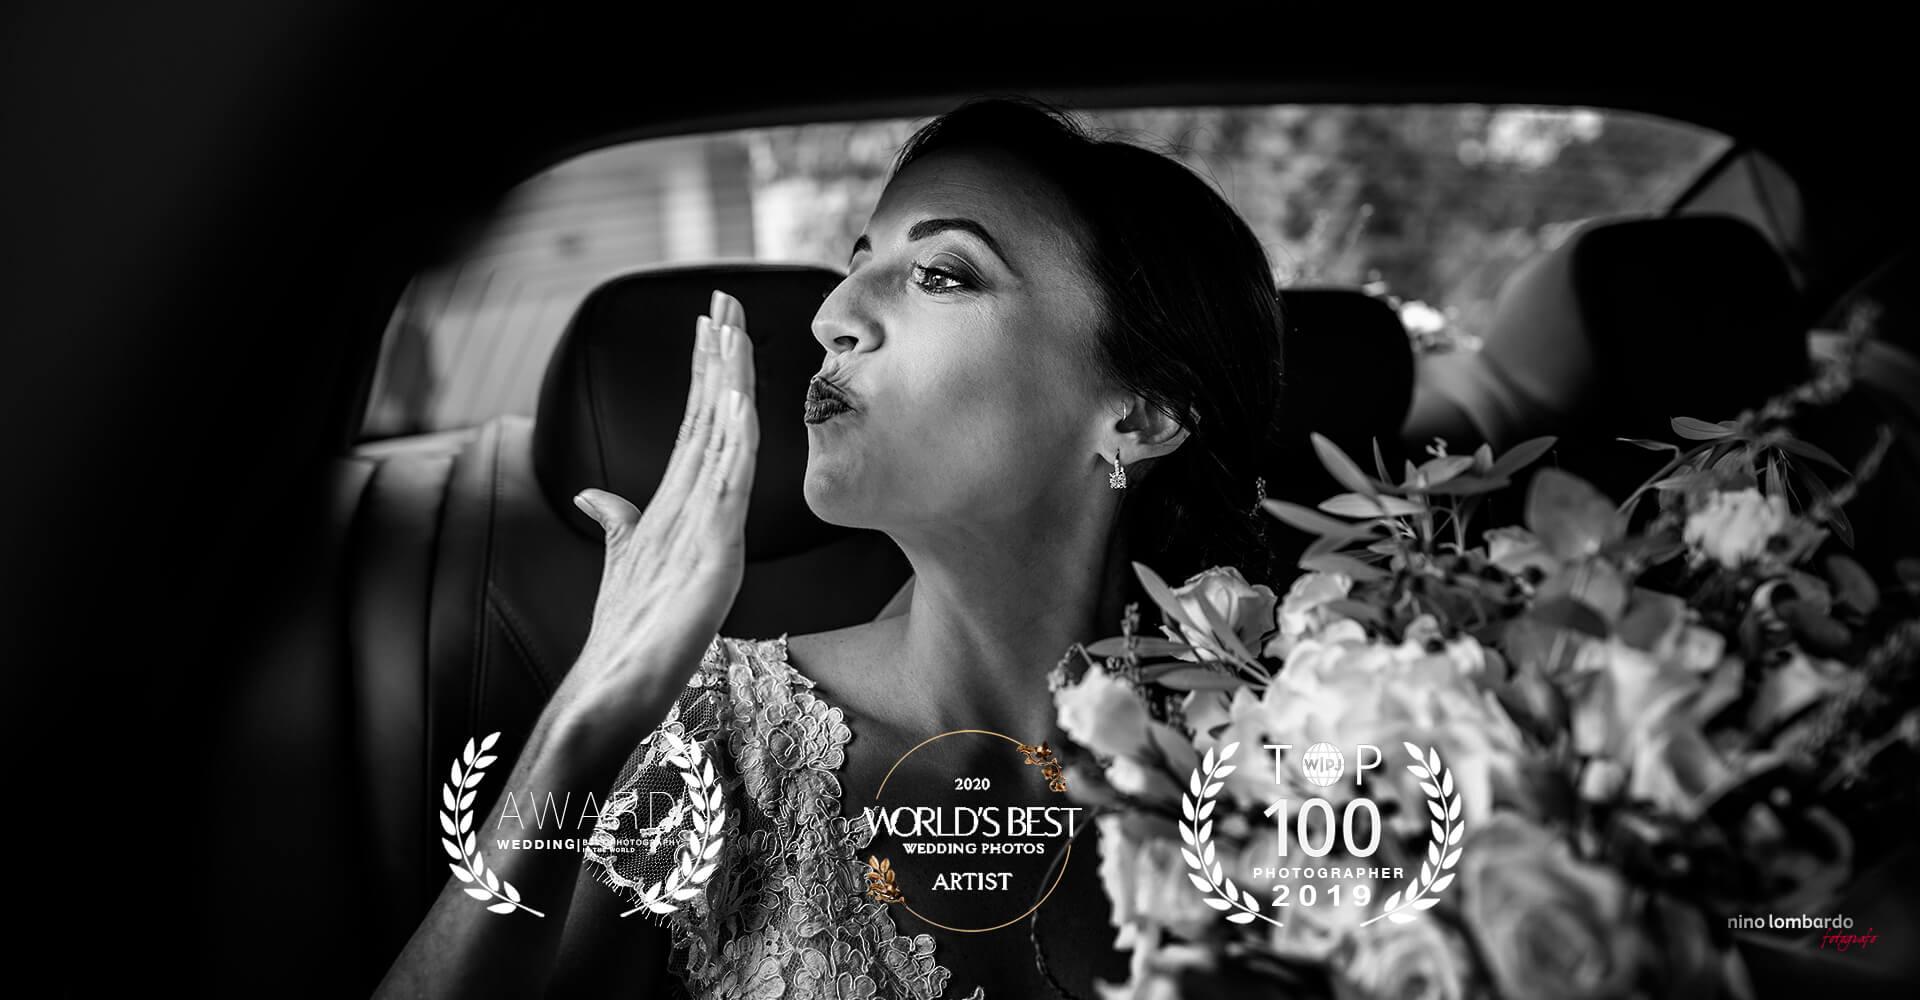 foto Bianco e Nero di Nino Lombardo fotografo in Sicilia per i Migliori Matrimoni